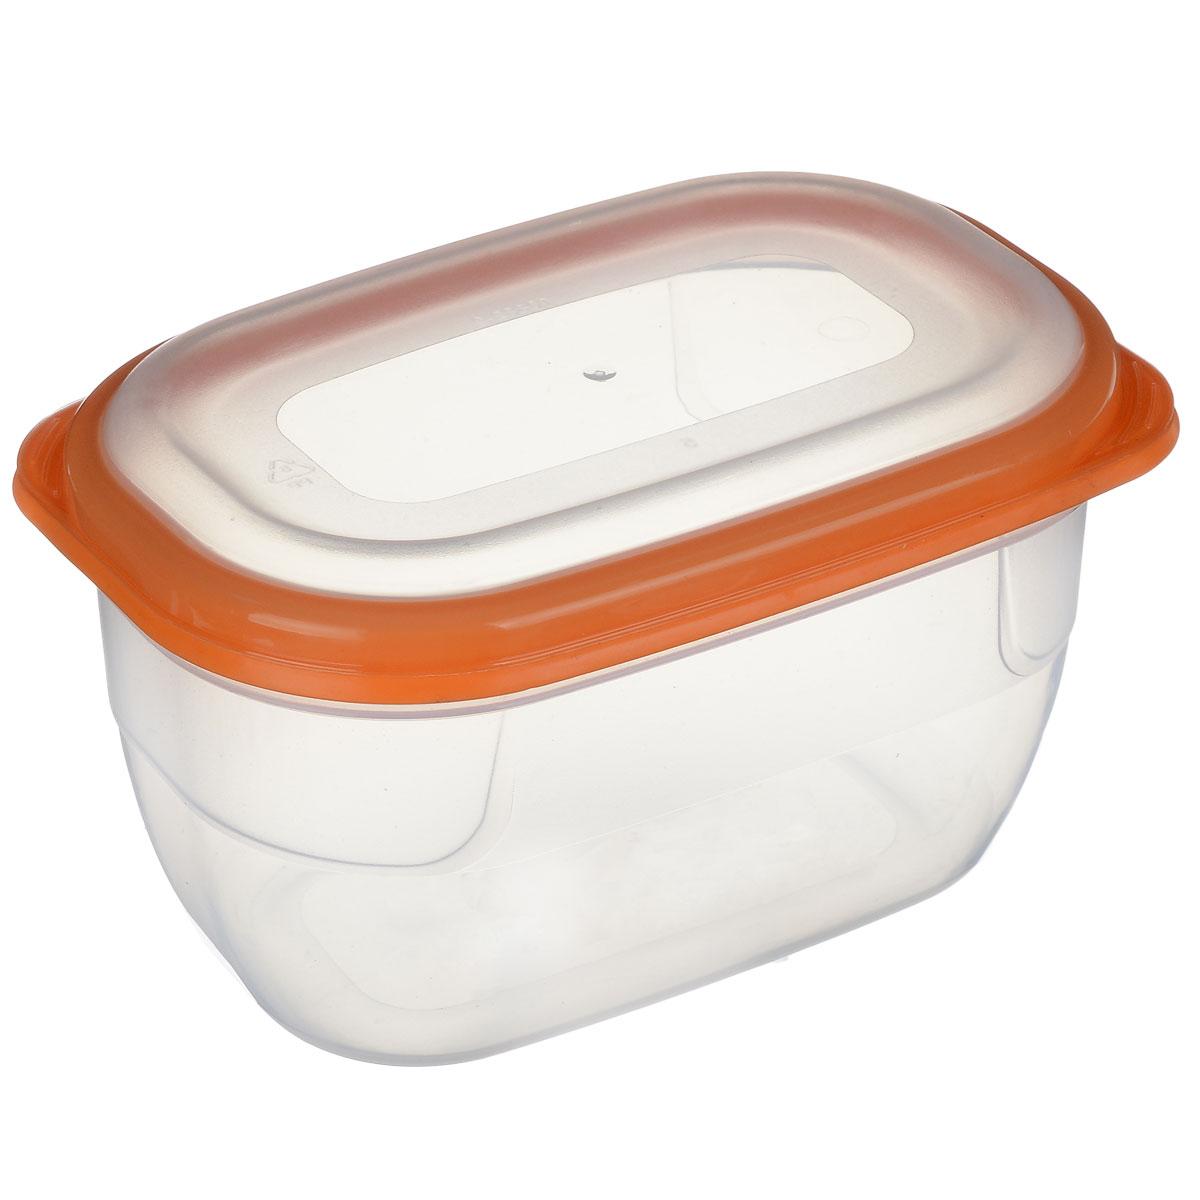 Контейнер для СВЧ Полимербыт Премиум, цвет: прозрачный, оранжевый, 750 млС561 оранжевыйКонтейнер Полимербыт Премиум прямоугольной формы, изготовленный из прочного пластика, предназначен специально для хранения пищевых продуктов. Крышка легко открывается и плотно закрывается. Контейнер устойчив к воздействию масел и жиров, легко моется. Прозрачные стенки позволяют видеть содержимое. Контейнер имеет возможность хранения продуктов глубокой заморозки, обладает высокой прочностью. Можно мыть в посудомоечной машине. Контейнер подходит для использования в микроволновой печи без крышки, а также для заморозки в морозильной камере.